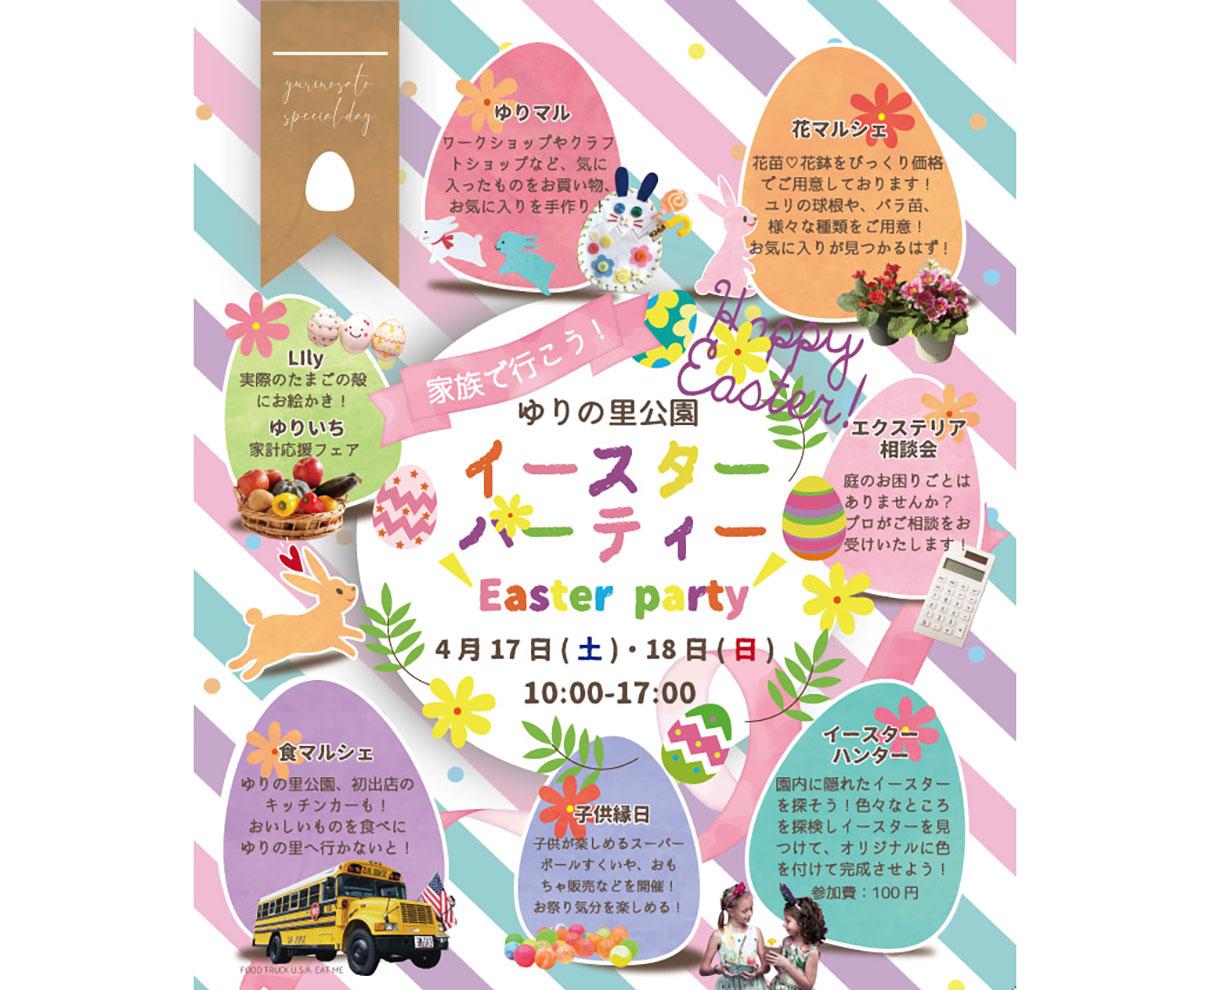 【4/17・4/18】春のイベント「イースターパーティー」が『ゆりの里公園』で初開催!